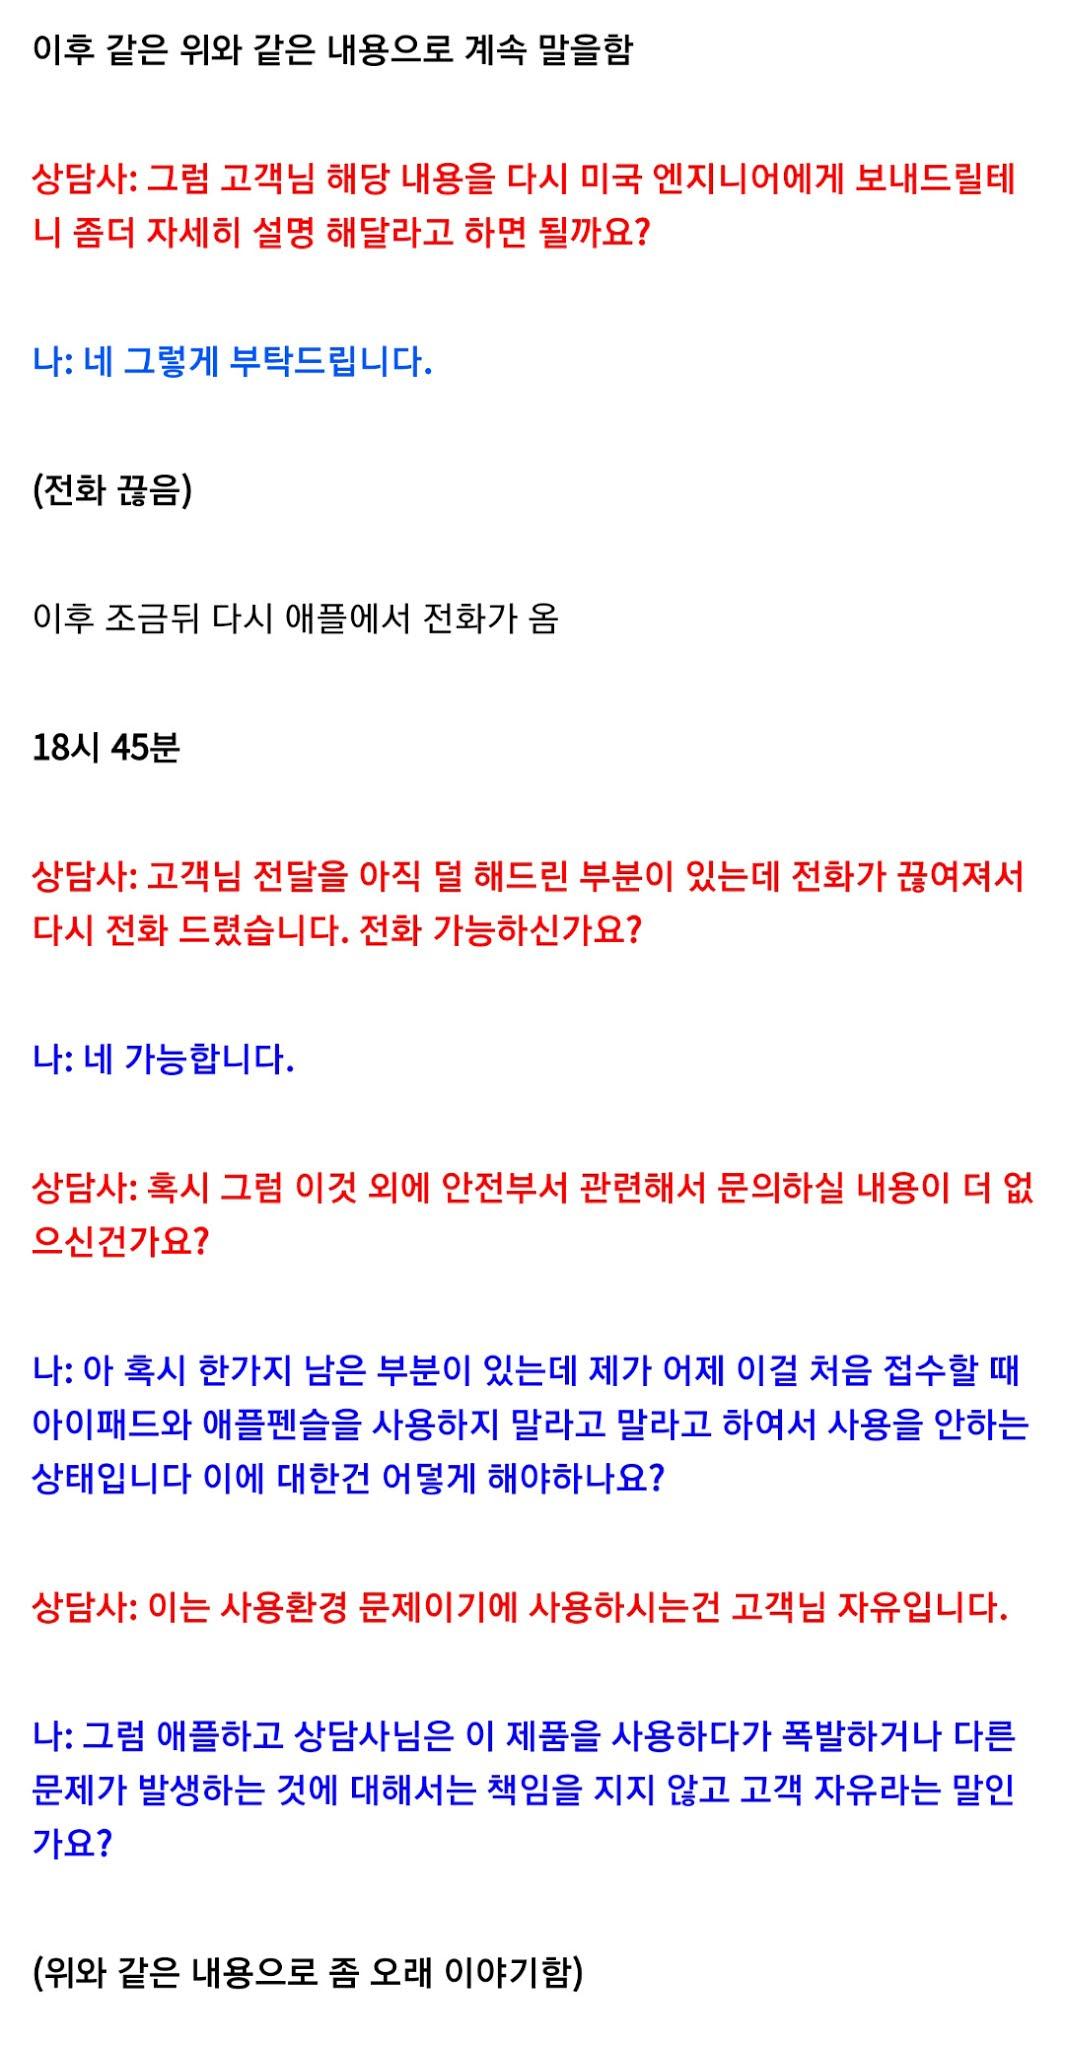 아이패드에 충전하던 애플 펜슬이 터짐 - 꾸르